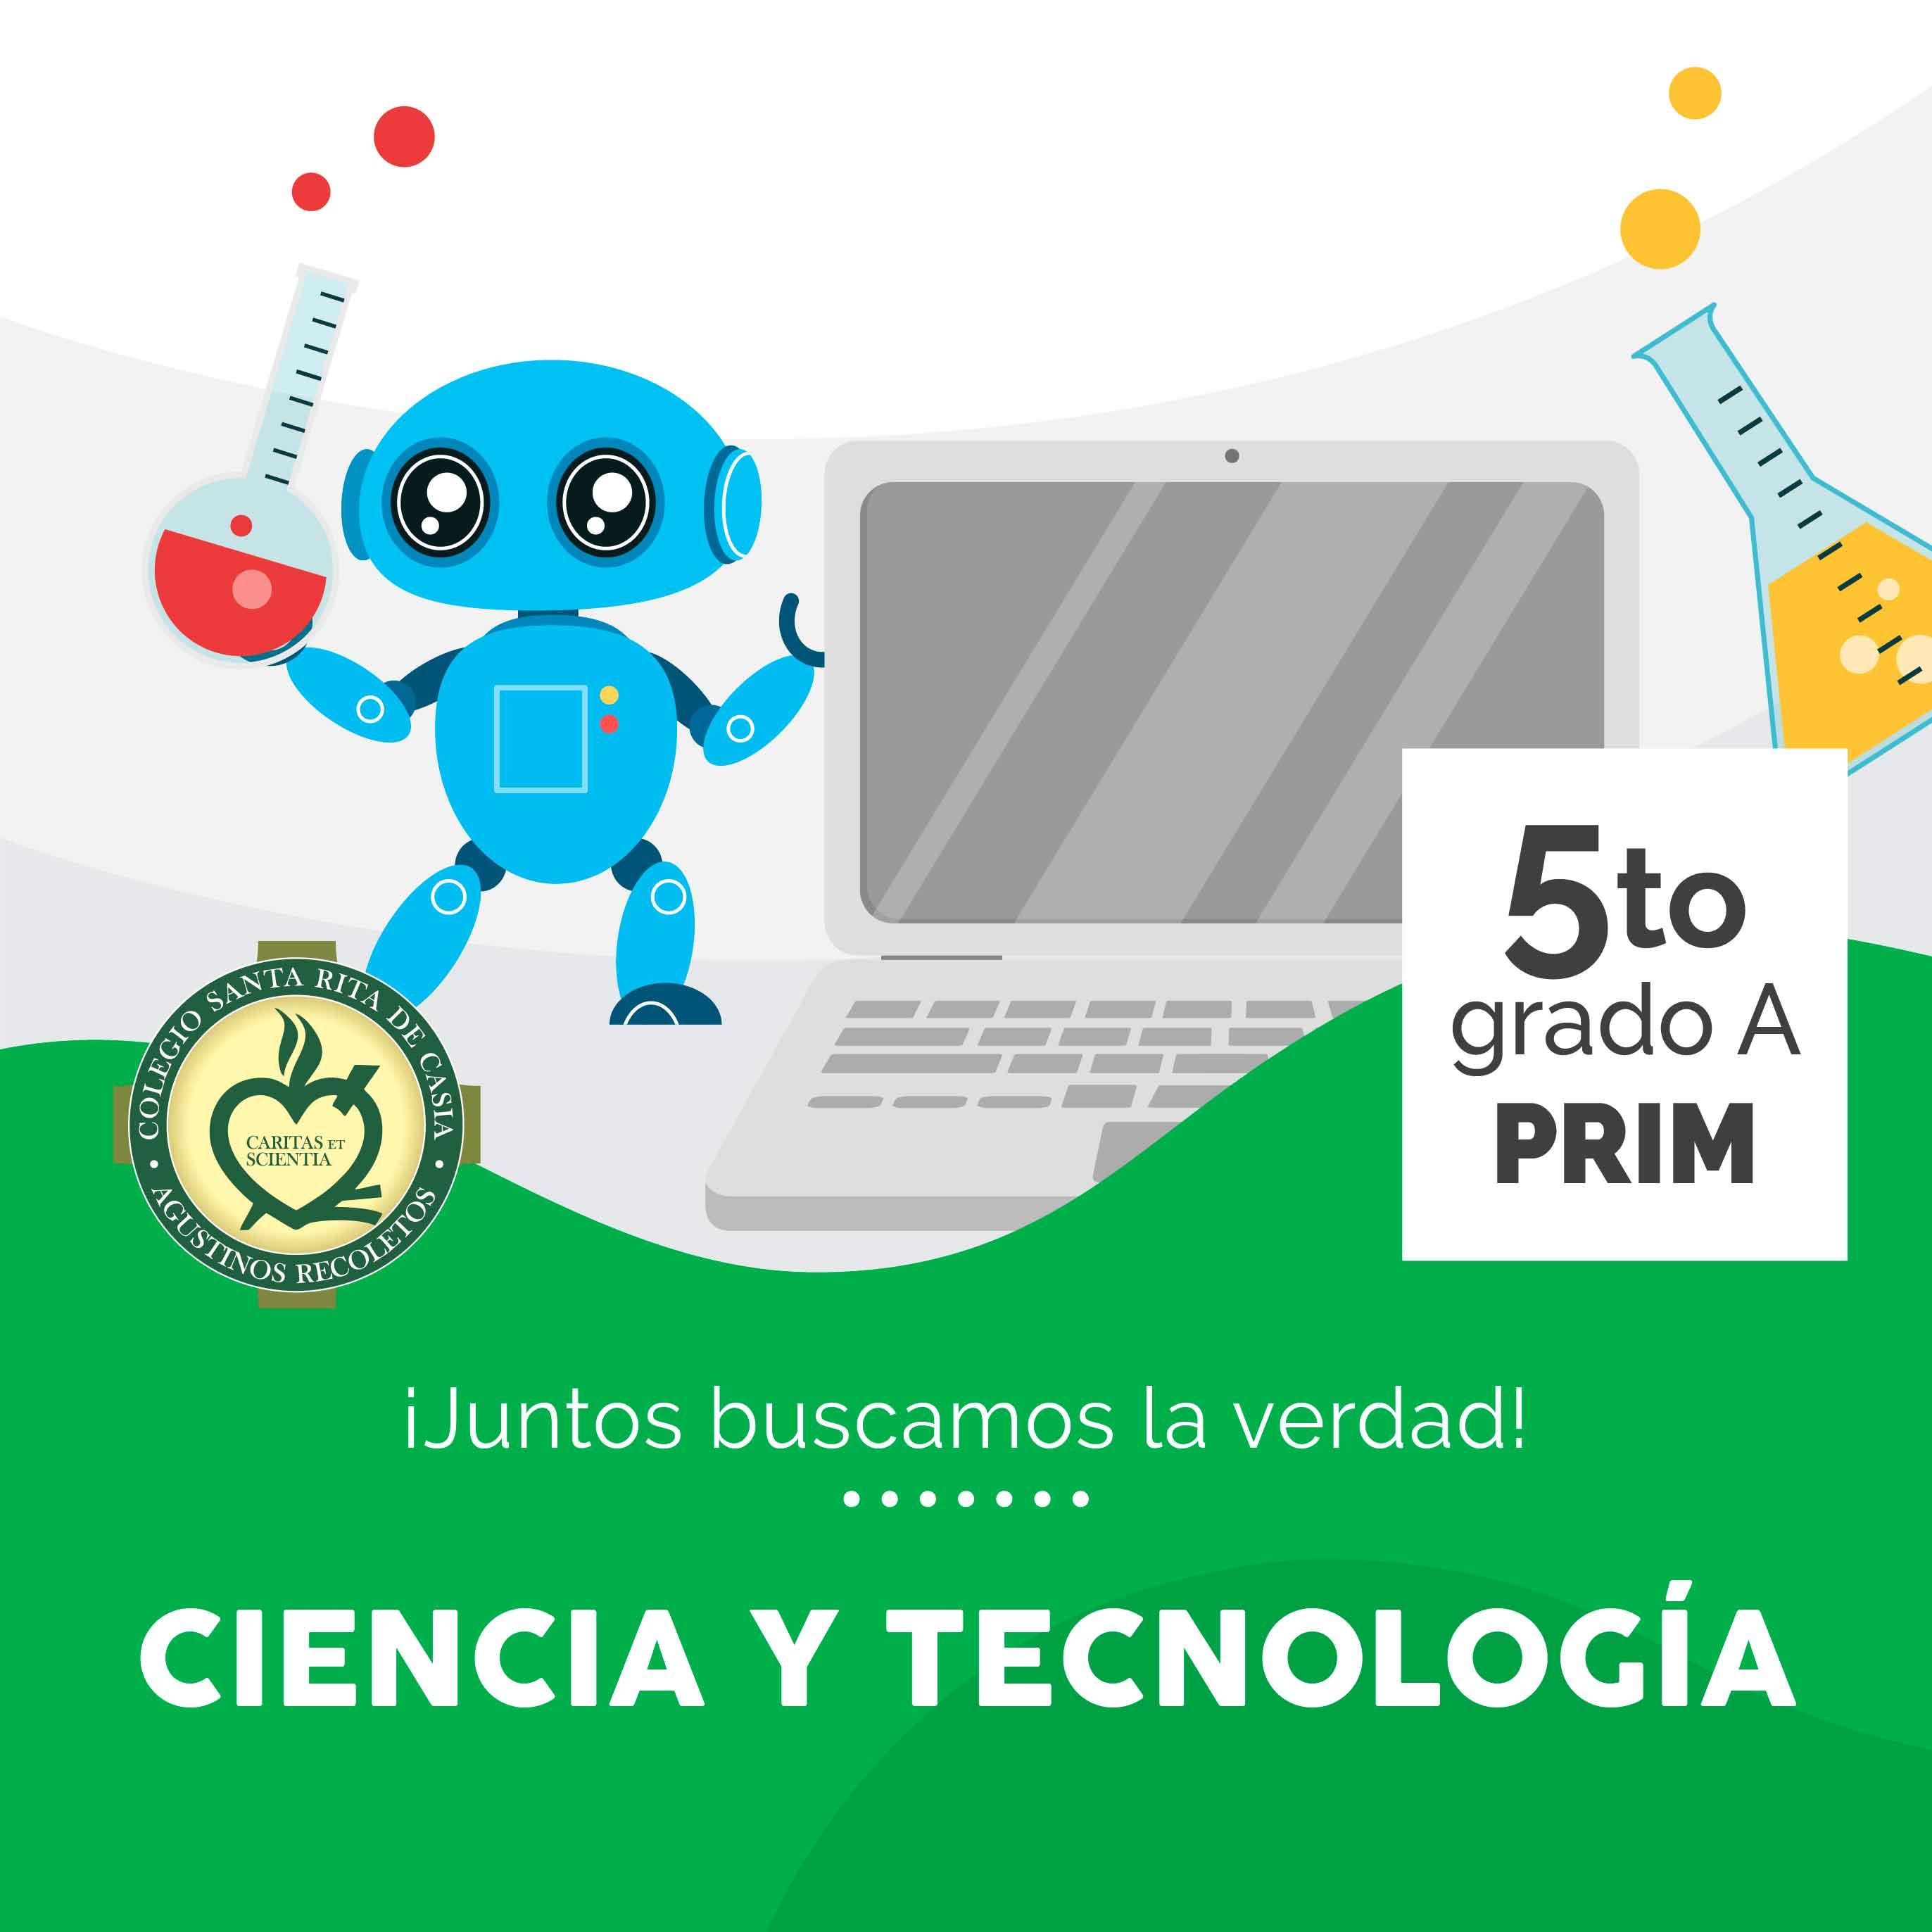 Ciencia y Tecnología 5to Grado A